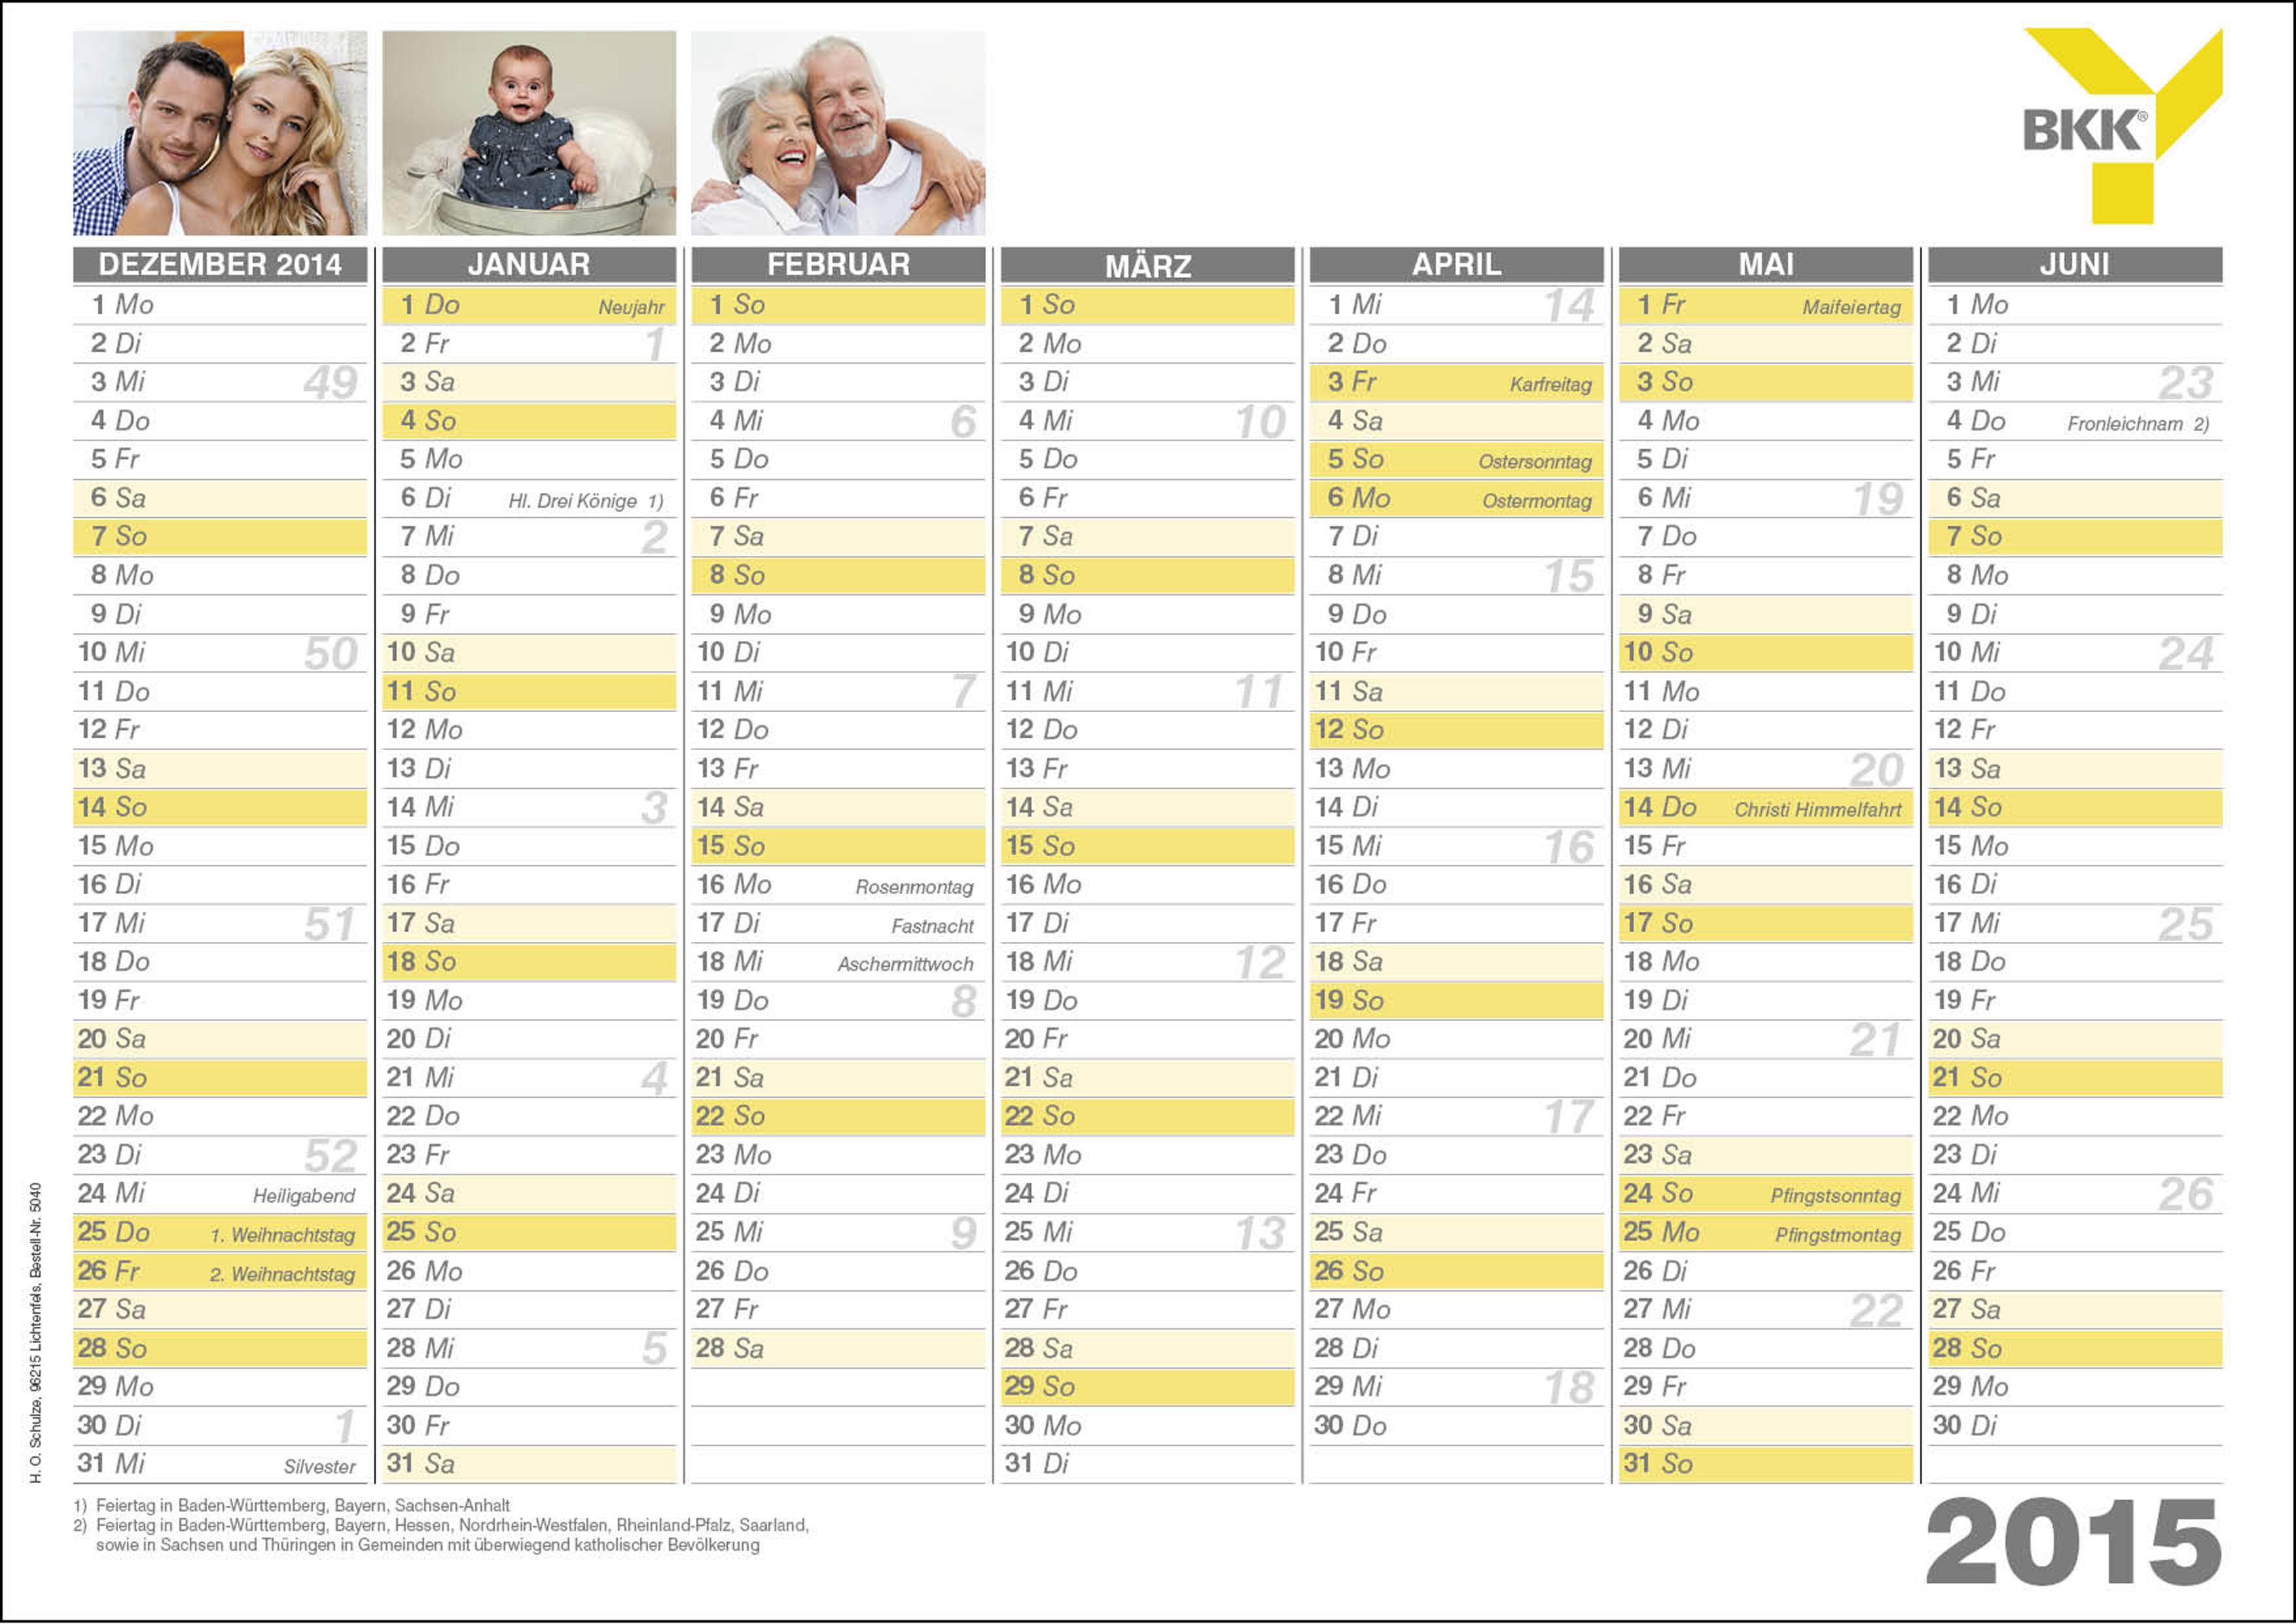 Kalenderverlag